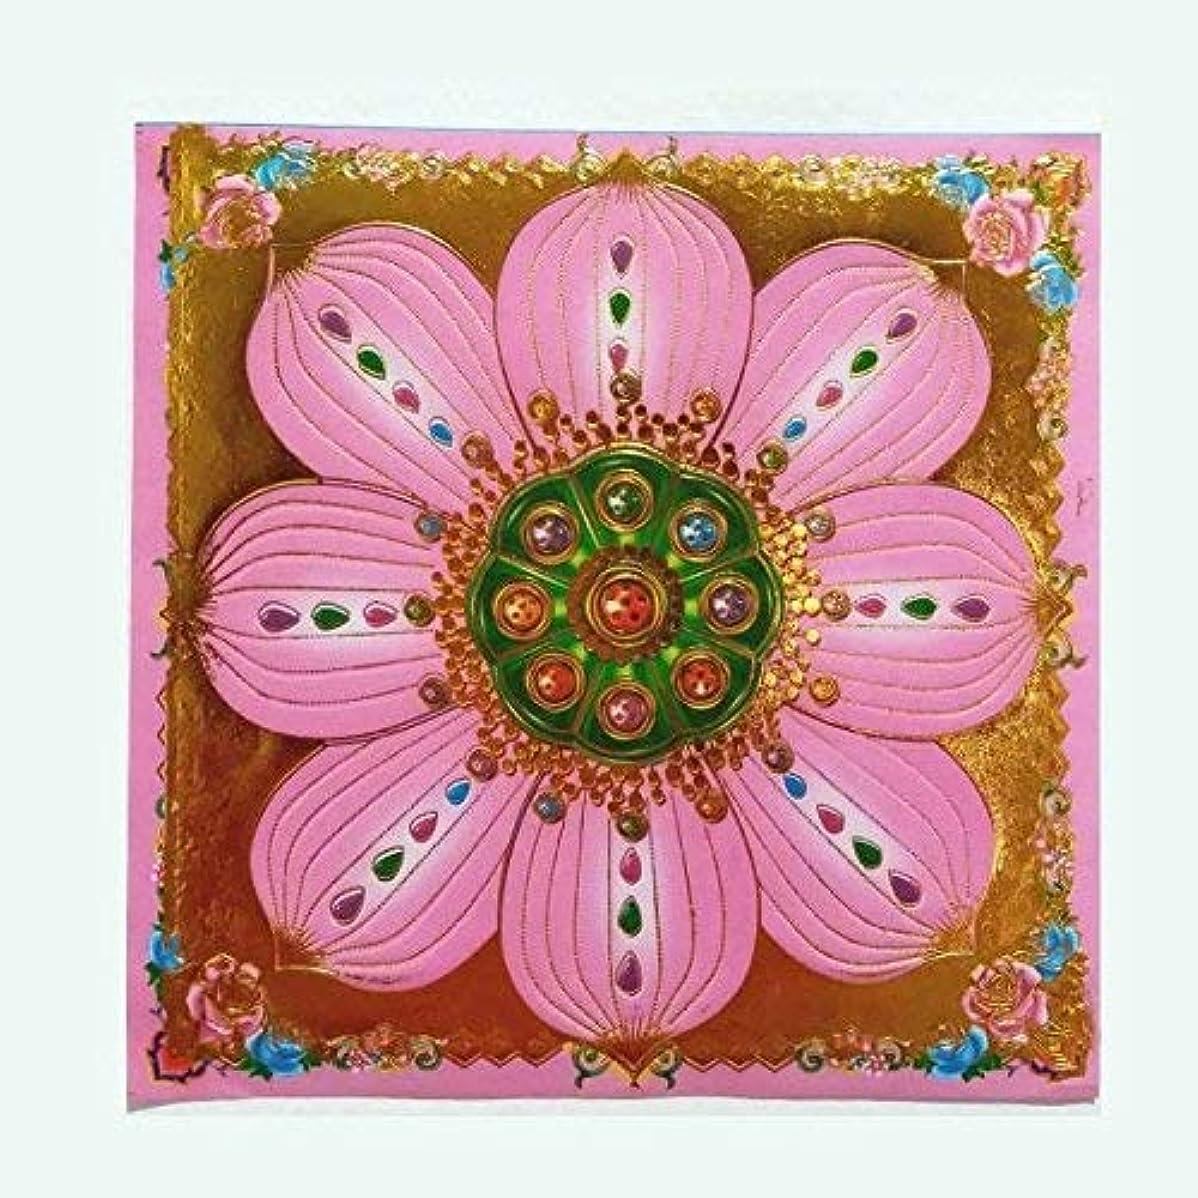 賃金気配りのある子豚40pcs Incense用紙/ Joss用紙ハイグレードカラフルwithゴールドの箔Sサイズの祖先Praying 7.5インチx 7.5インチ(ピンク)